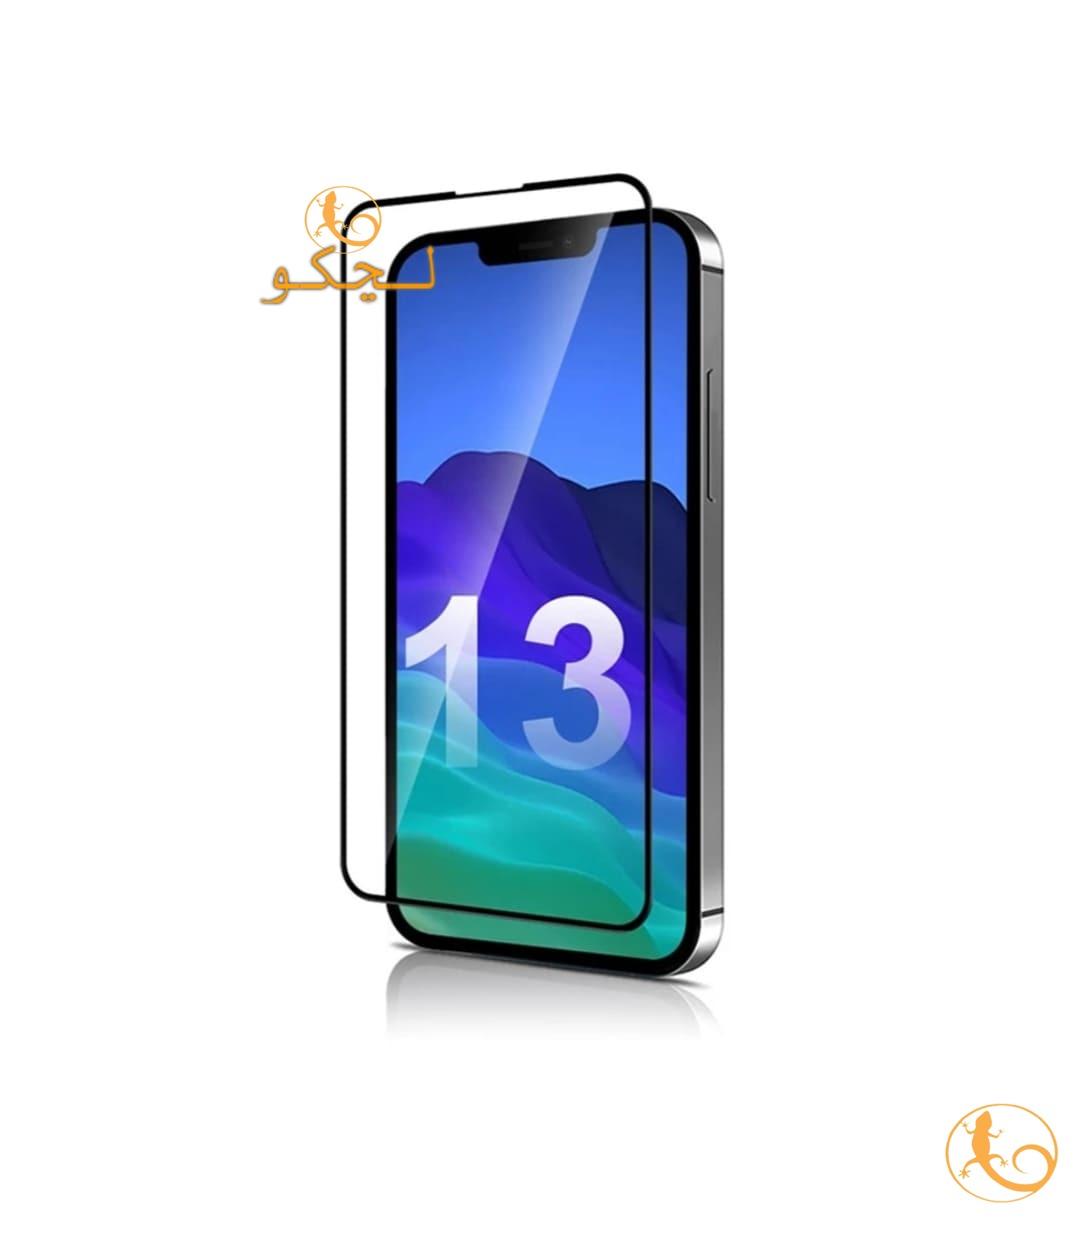 گلس شیشه ای شفاف iPhone 13 promax